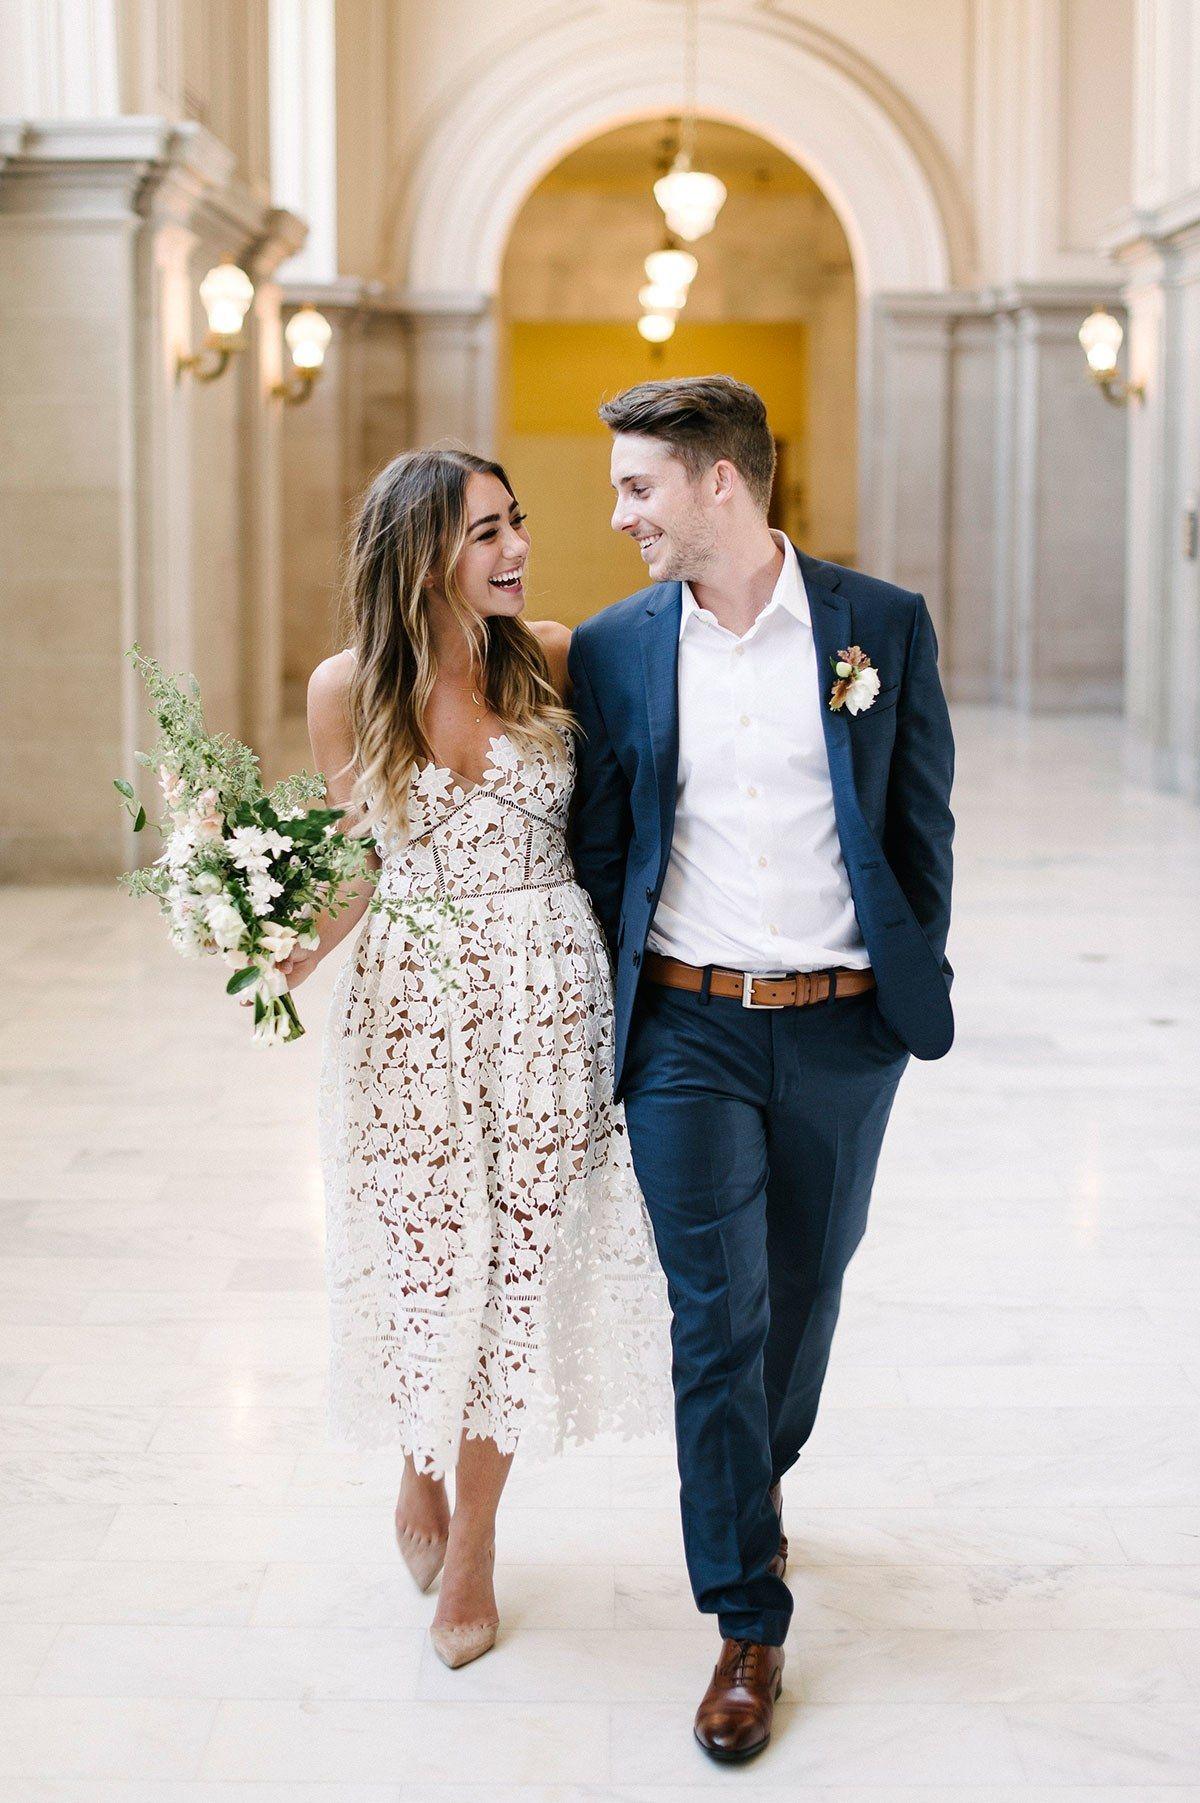 Short Wedding Dresses That Are Still Really Bridal | Brides